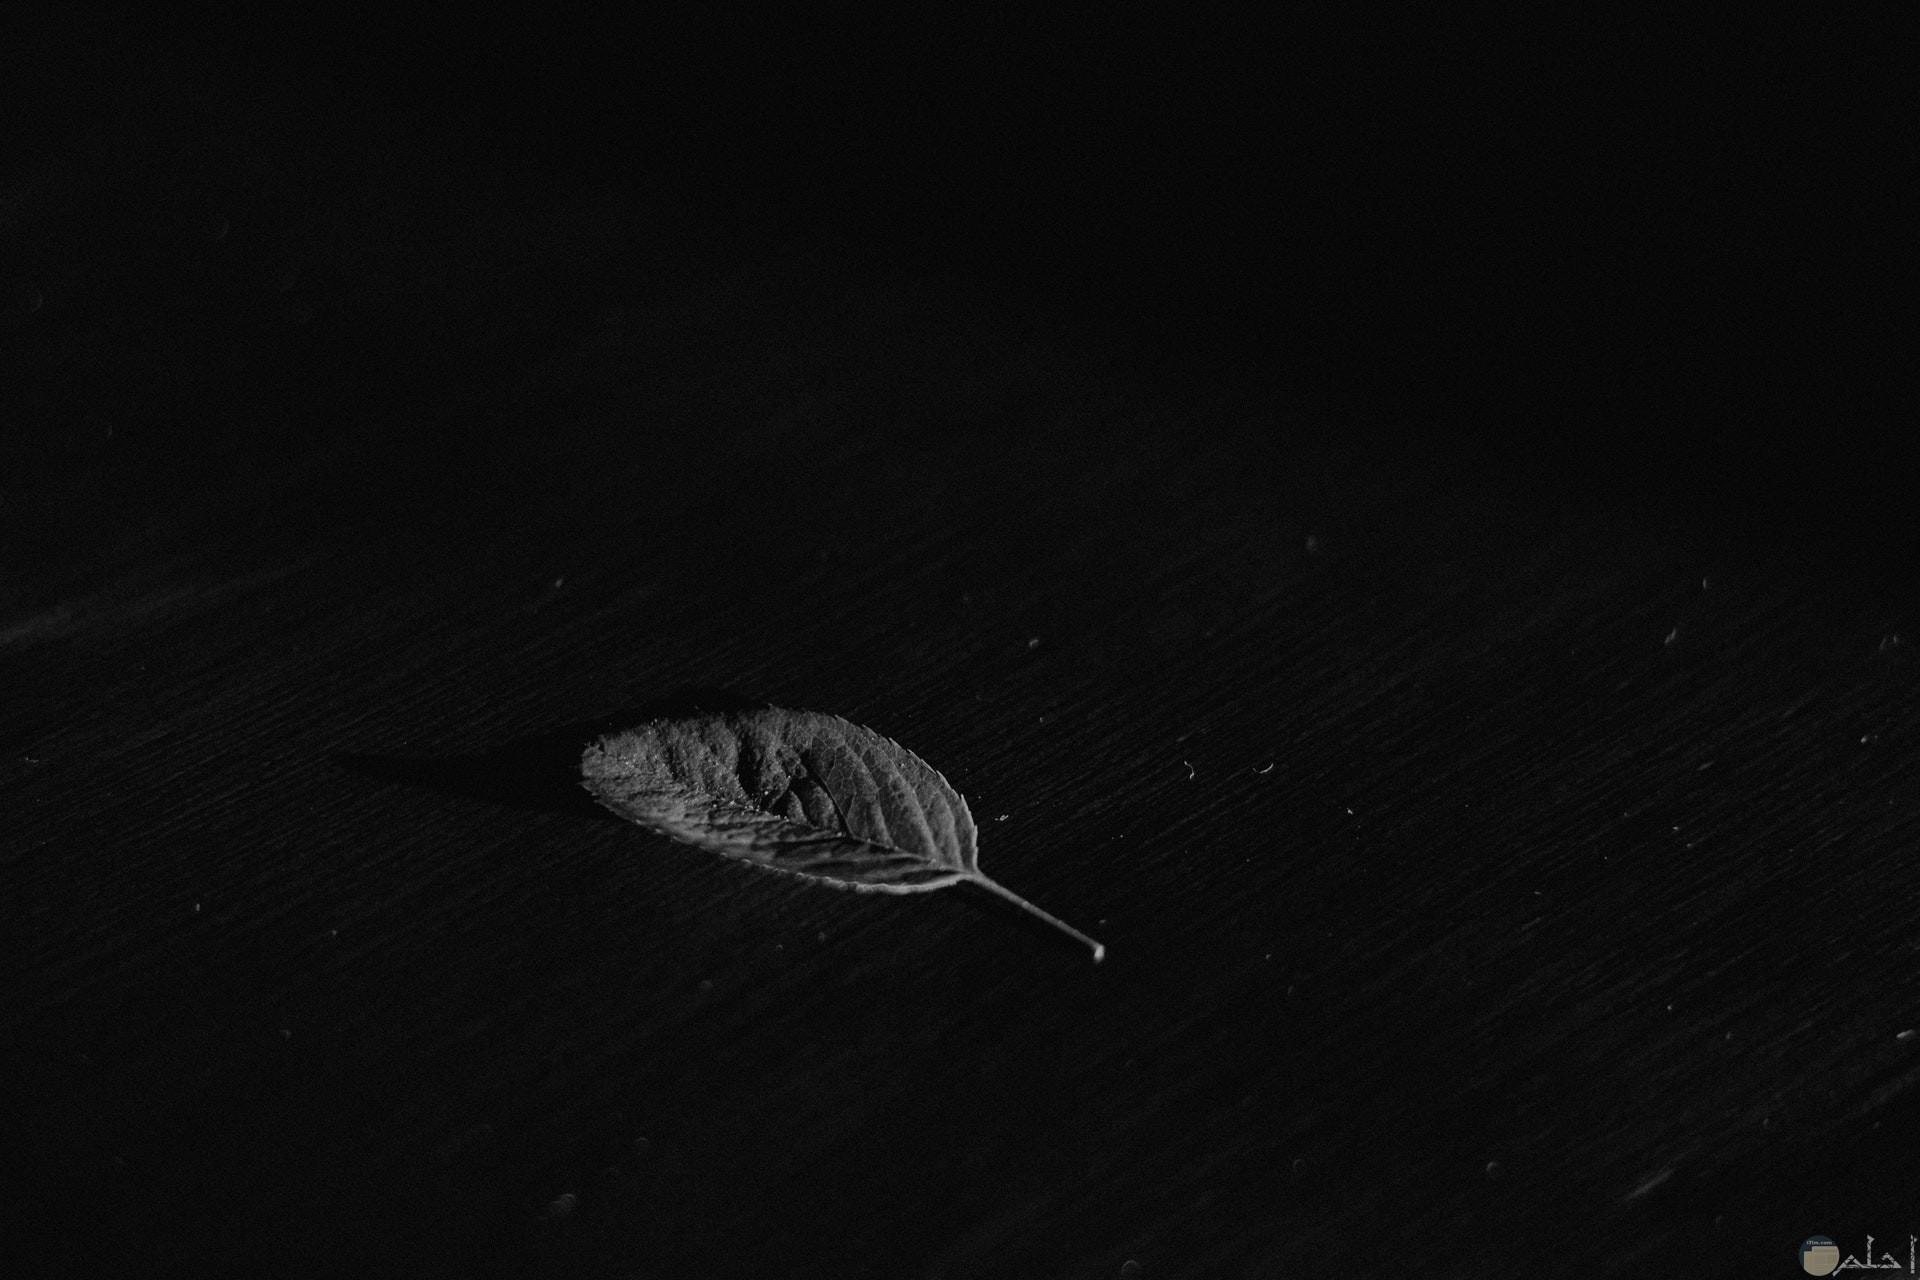 صورة سادة سوداء غامقة بها ورقة شجر